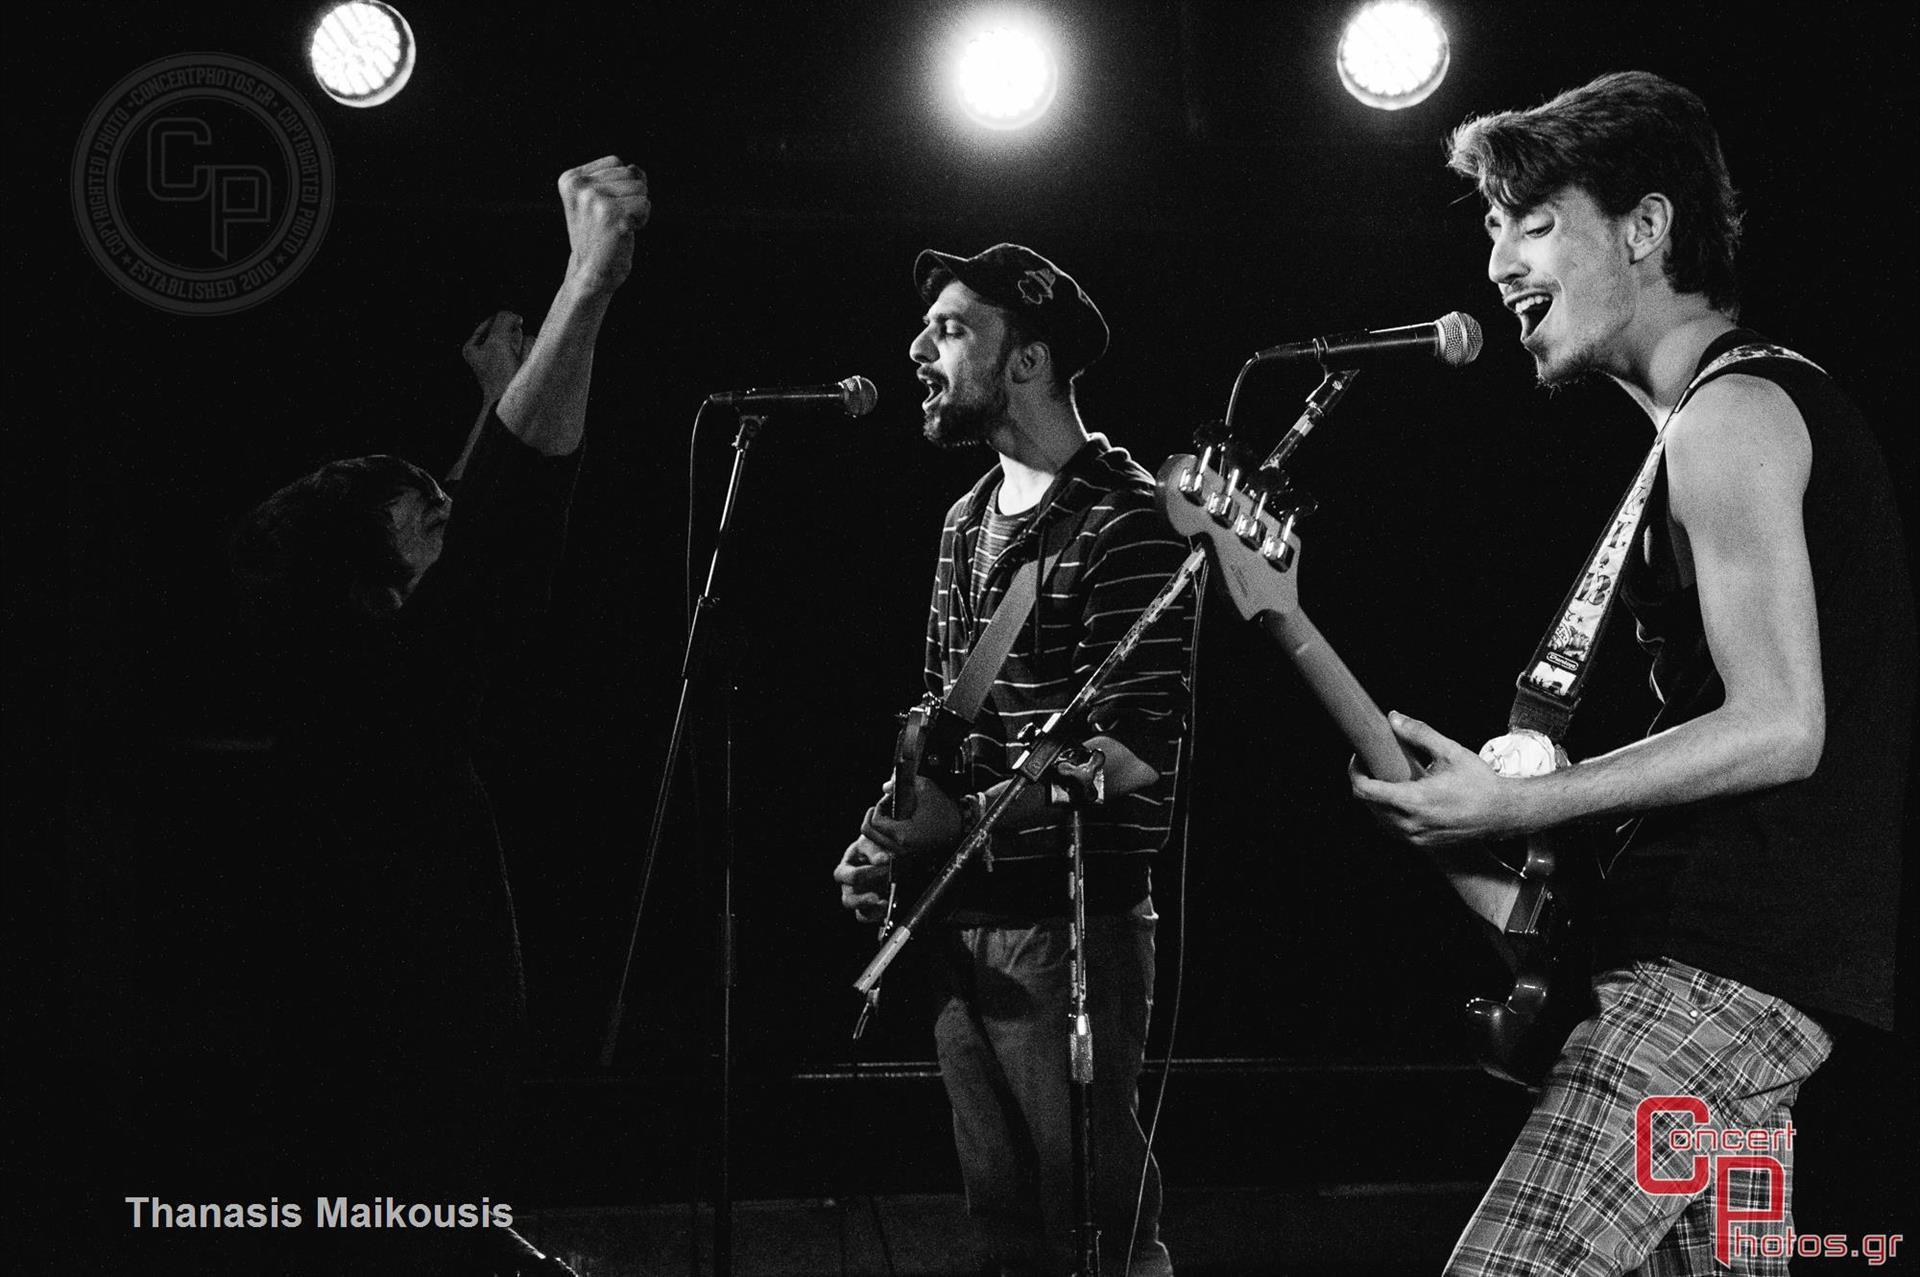 Battle Of The Bands Leg 5-Battle Of The Bands Leg 4 photographer: Thanasis Maikousis - ConcertPhotos - 20150315_2234_50